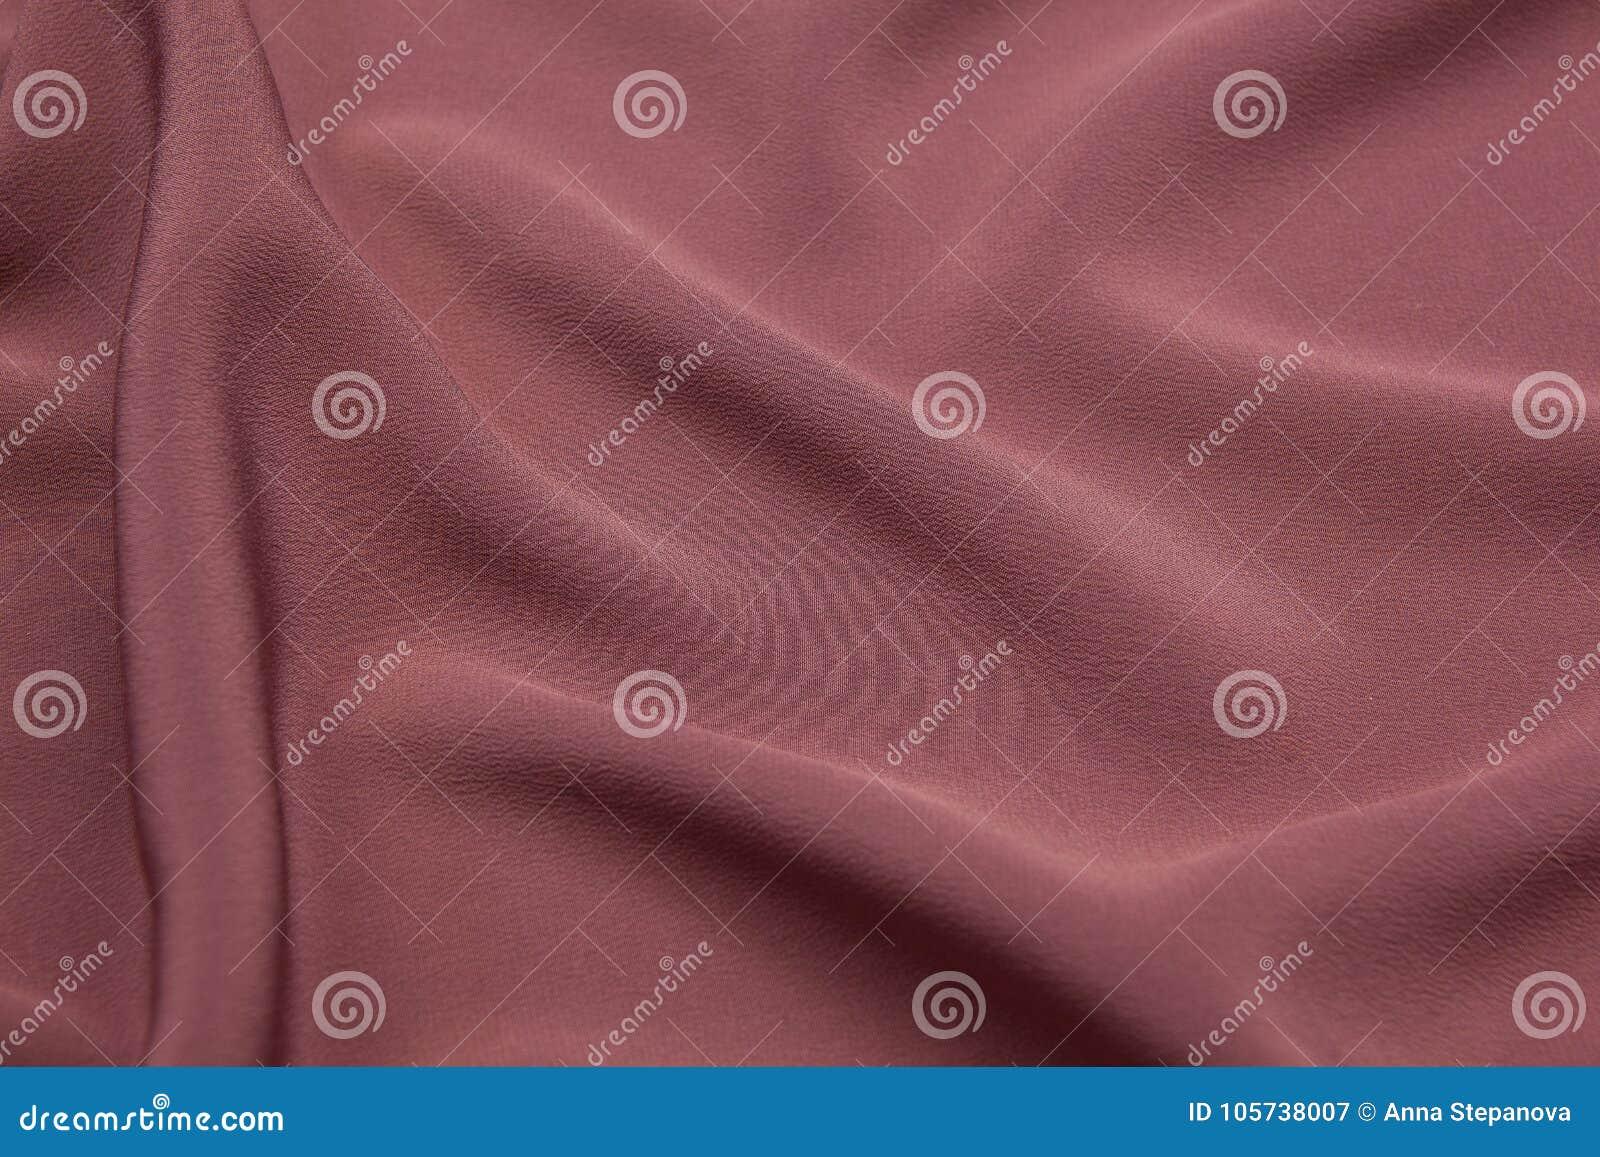 Falisty tkaniny zbliżenia tekstury tło